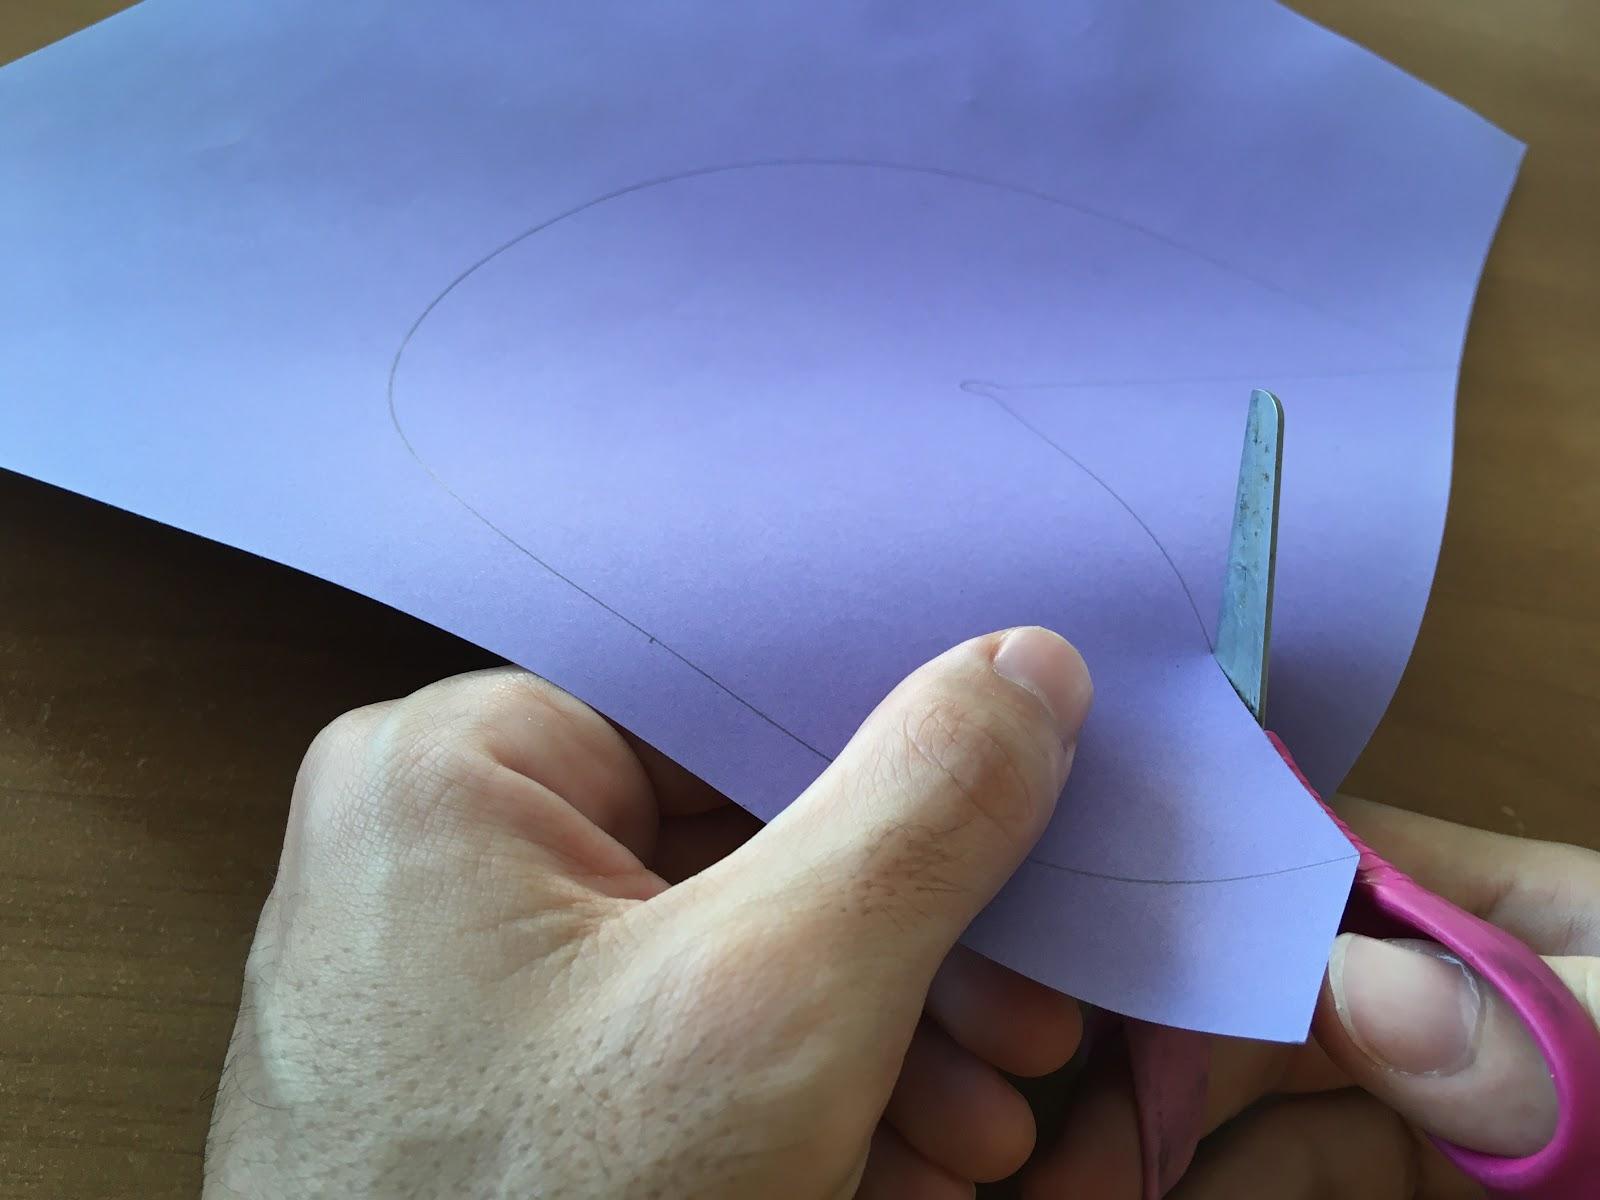 Corte con tijera por encima del contorno de la figura.